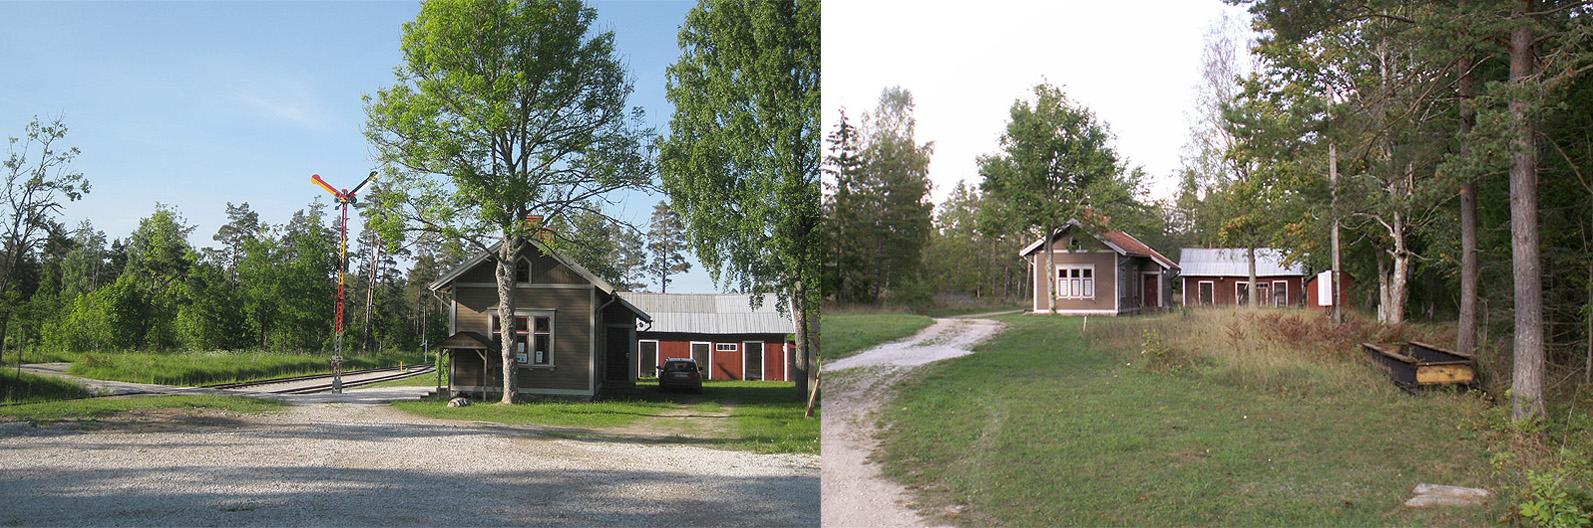 Till vänster: Stationshuset med ladan den 5 juni 2013. Sommartrafiken har just inletts. Till höger: Stationshuset med lada den 1 okt. 2006. Vändskivan är tänkt att användas vid Roma stn.